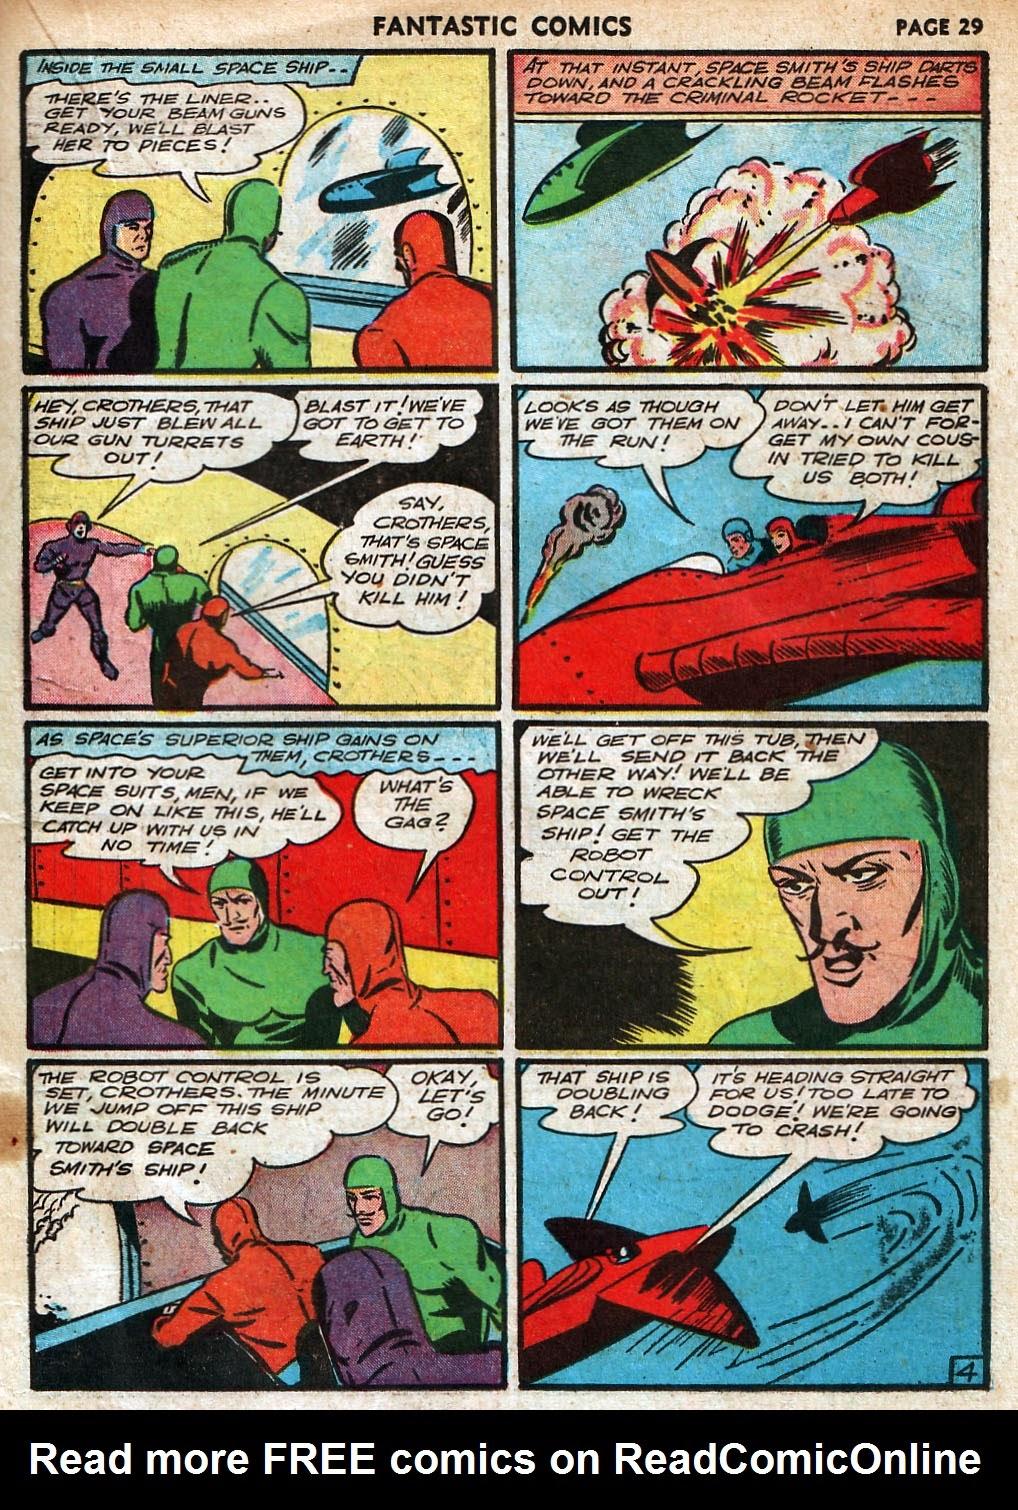 Read online Fantastic Comics comic -  Issue #18 - 31